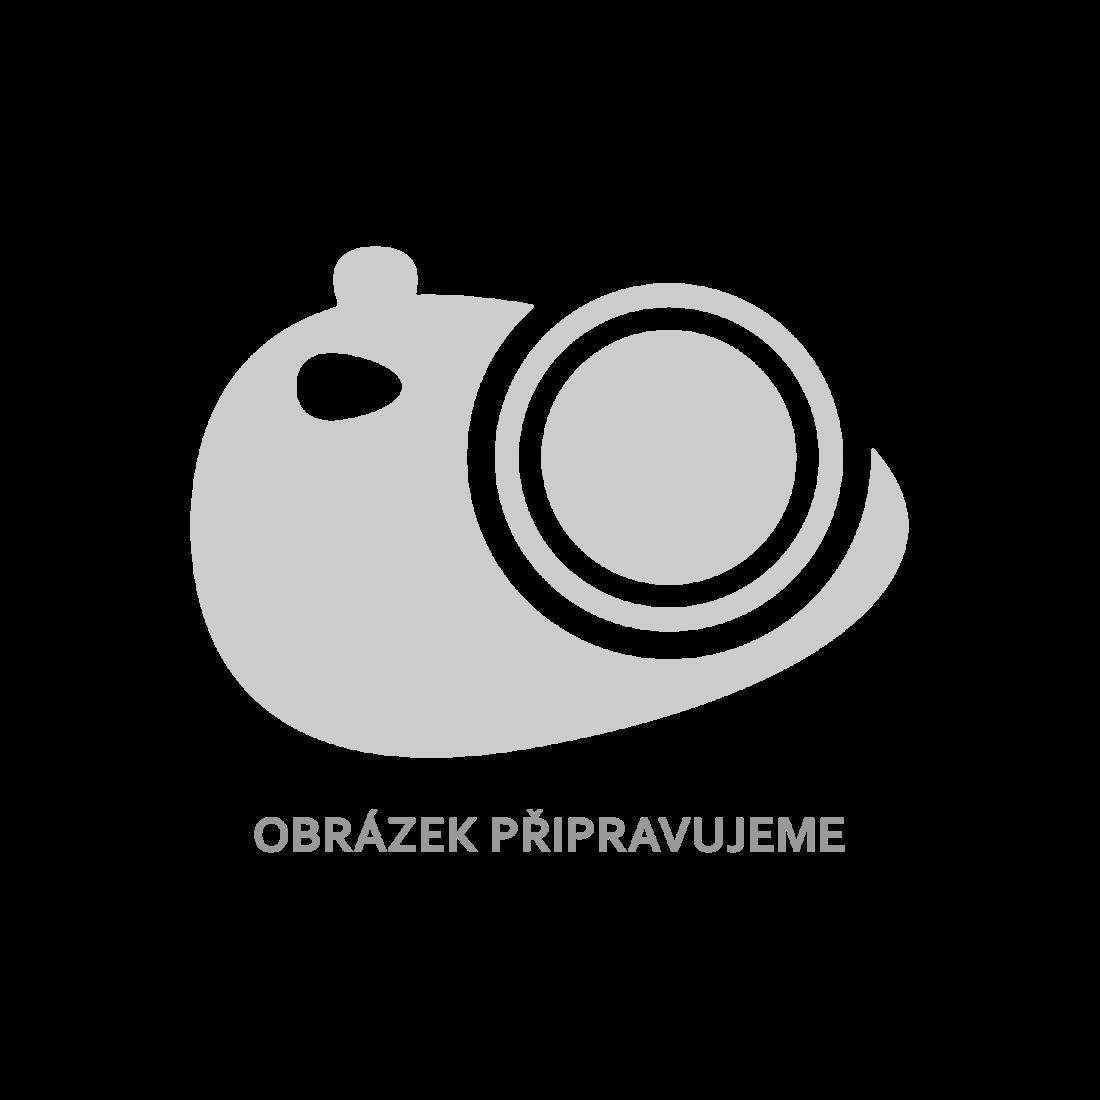 vidaXL TV stolek betonově šedý 140 x 40 x 35,5 cm dřevotříska [800652]